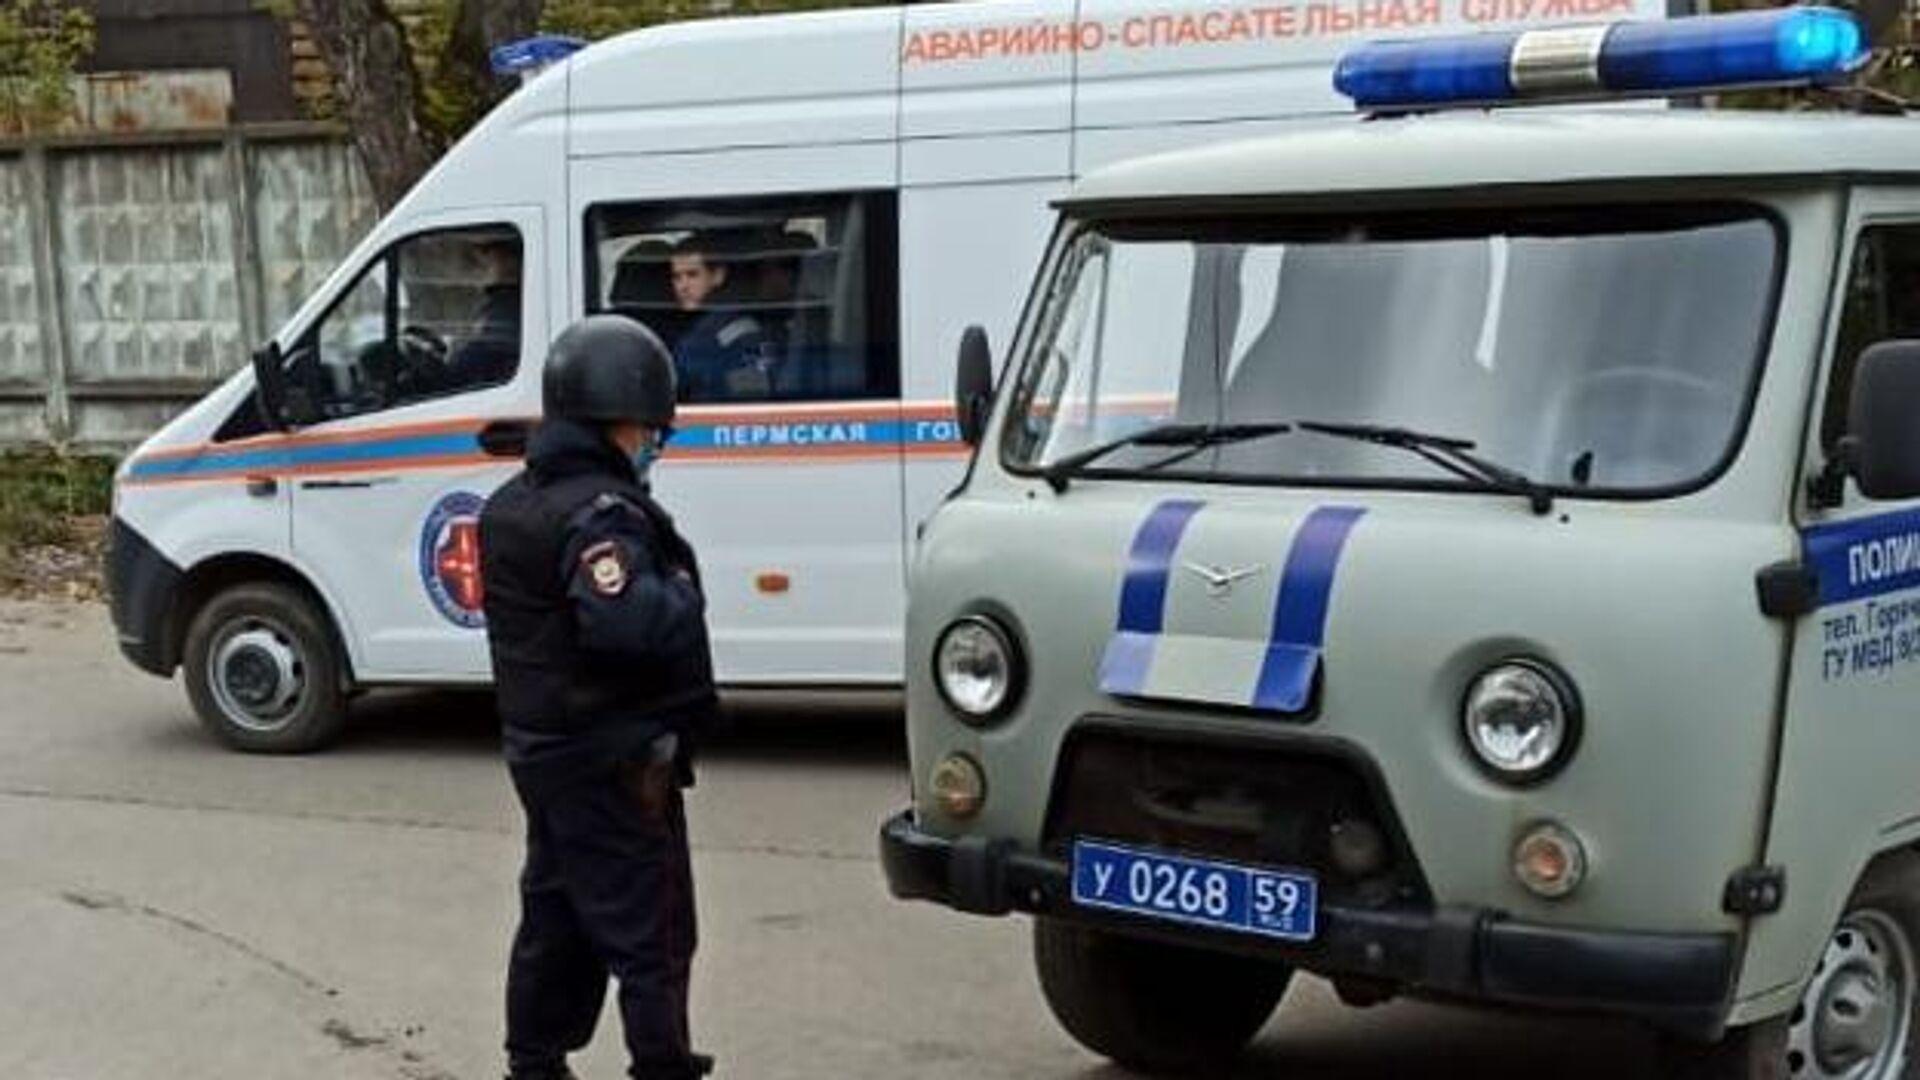 Машины полиции и аварийно-спасательной службы на улице Перми - РИА Новости, 1920, 20.09.2021